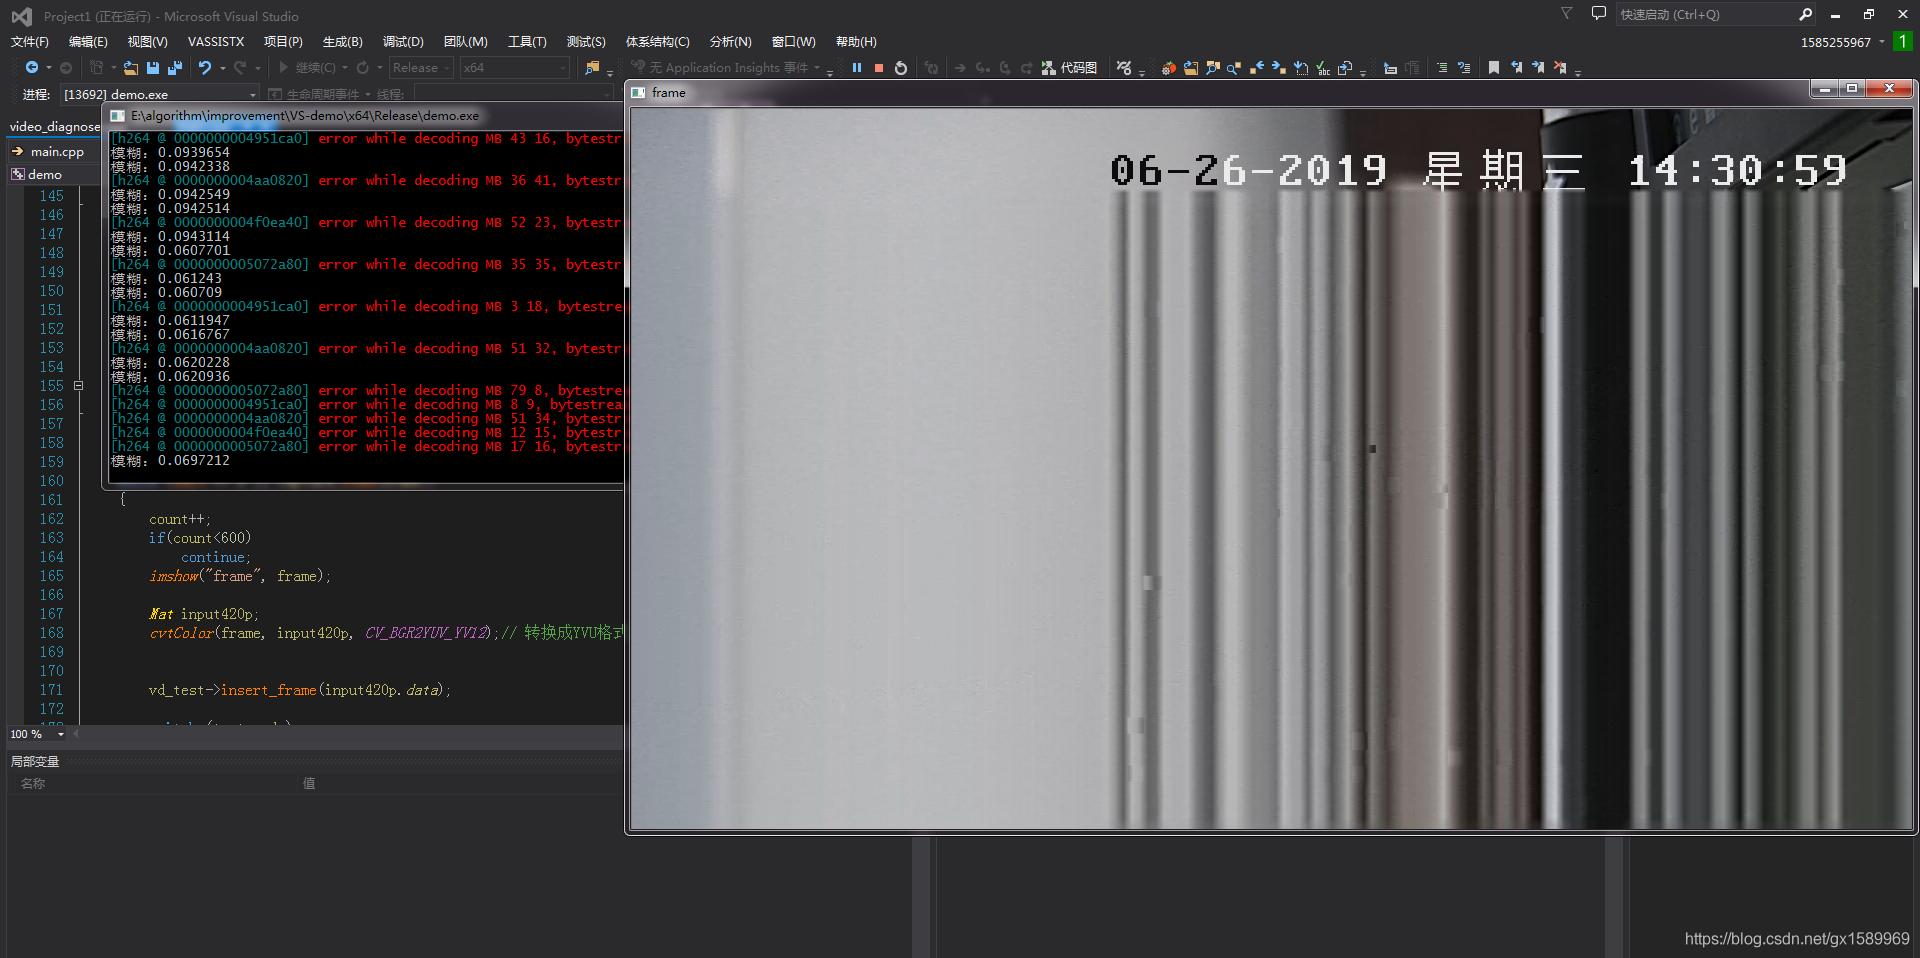 opencv获取rtsp视频流进行视频检测- gx1589969的博客- CSDN博客